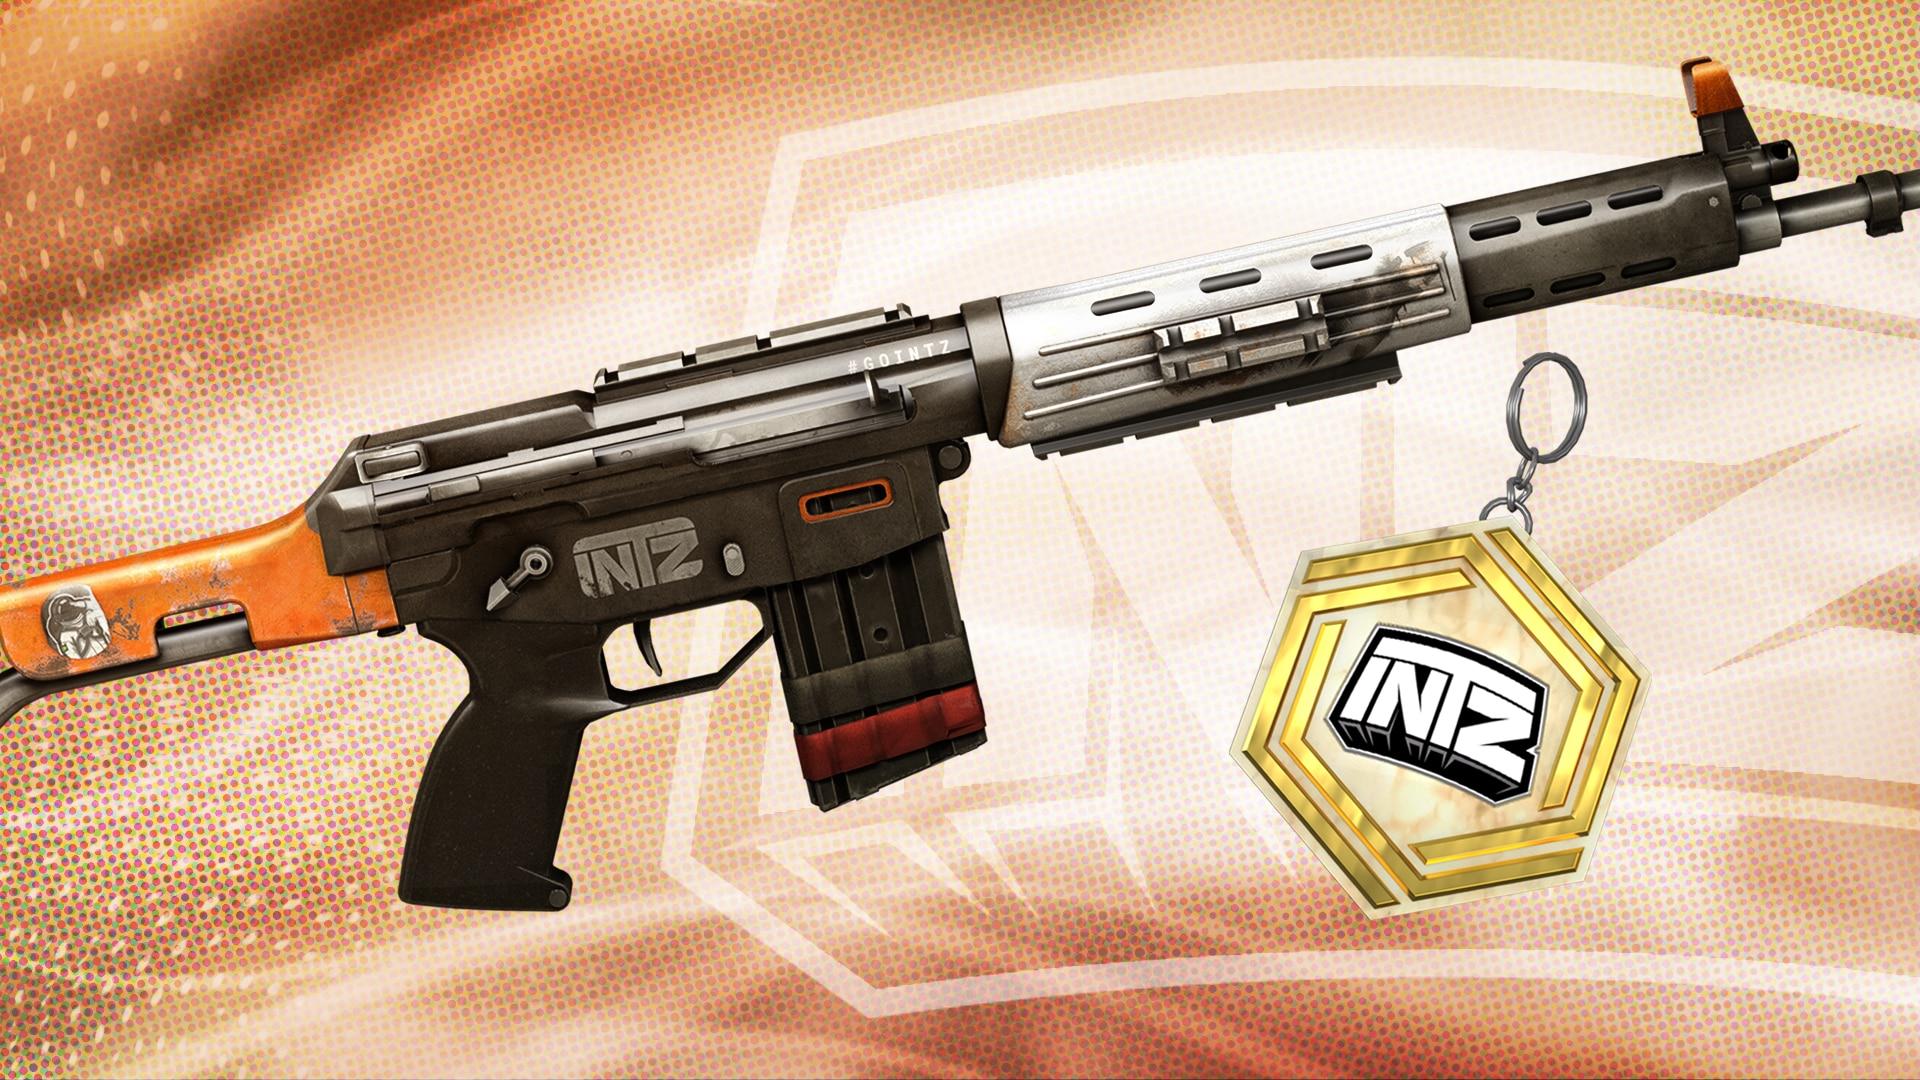 Y6S2 Proteam Intz WeaponKit 1920x1080